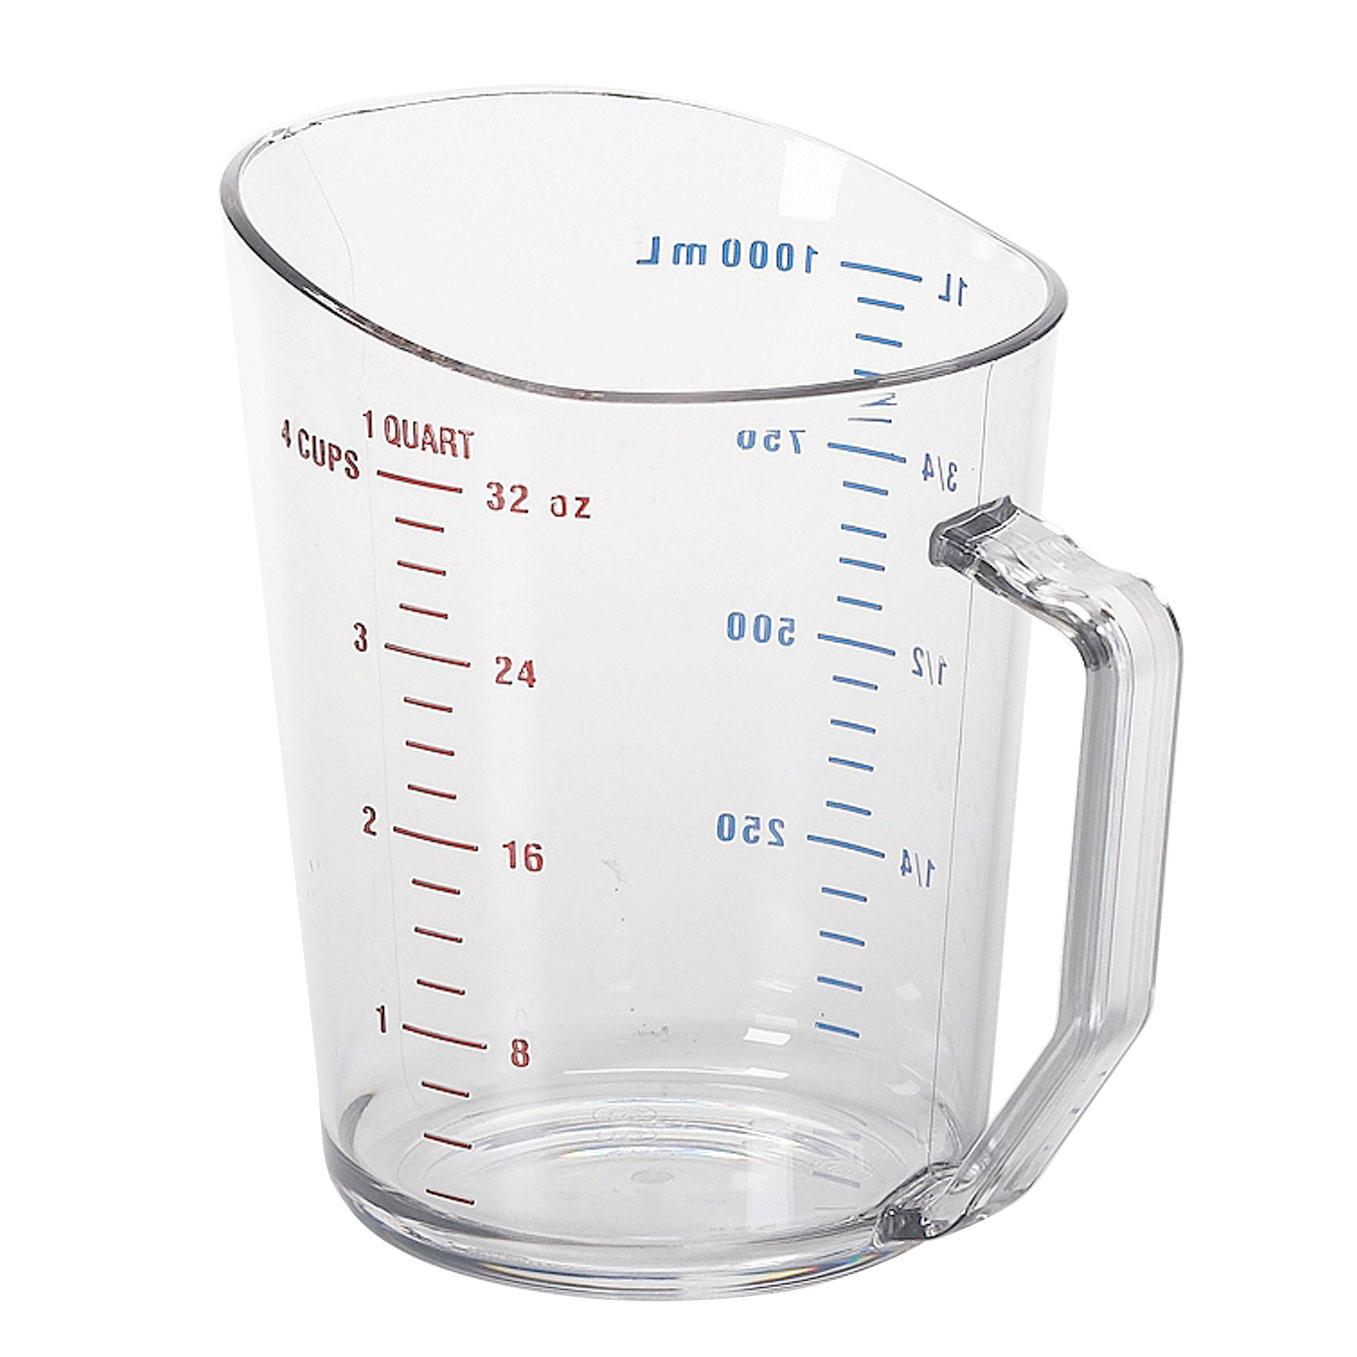 Cambro 100MCCW135 measuring cups